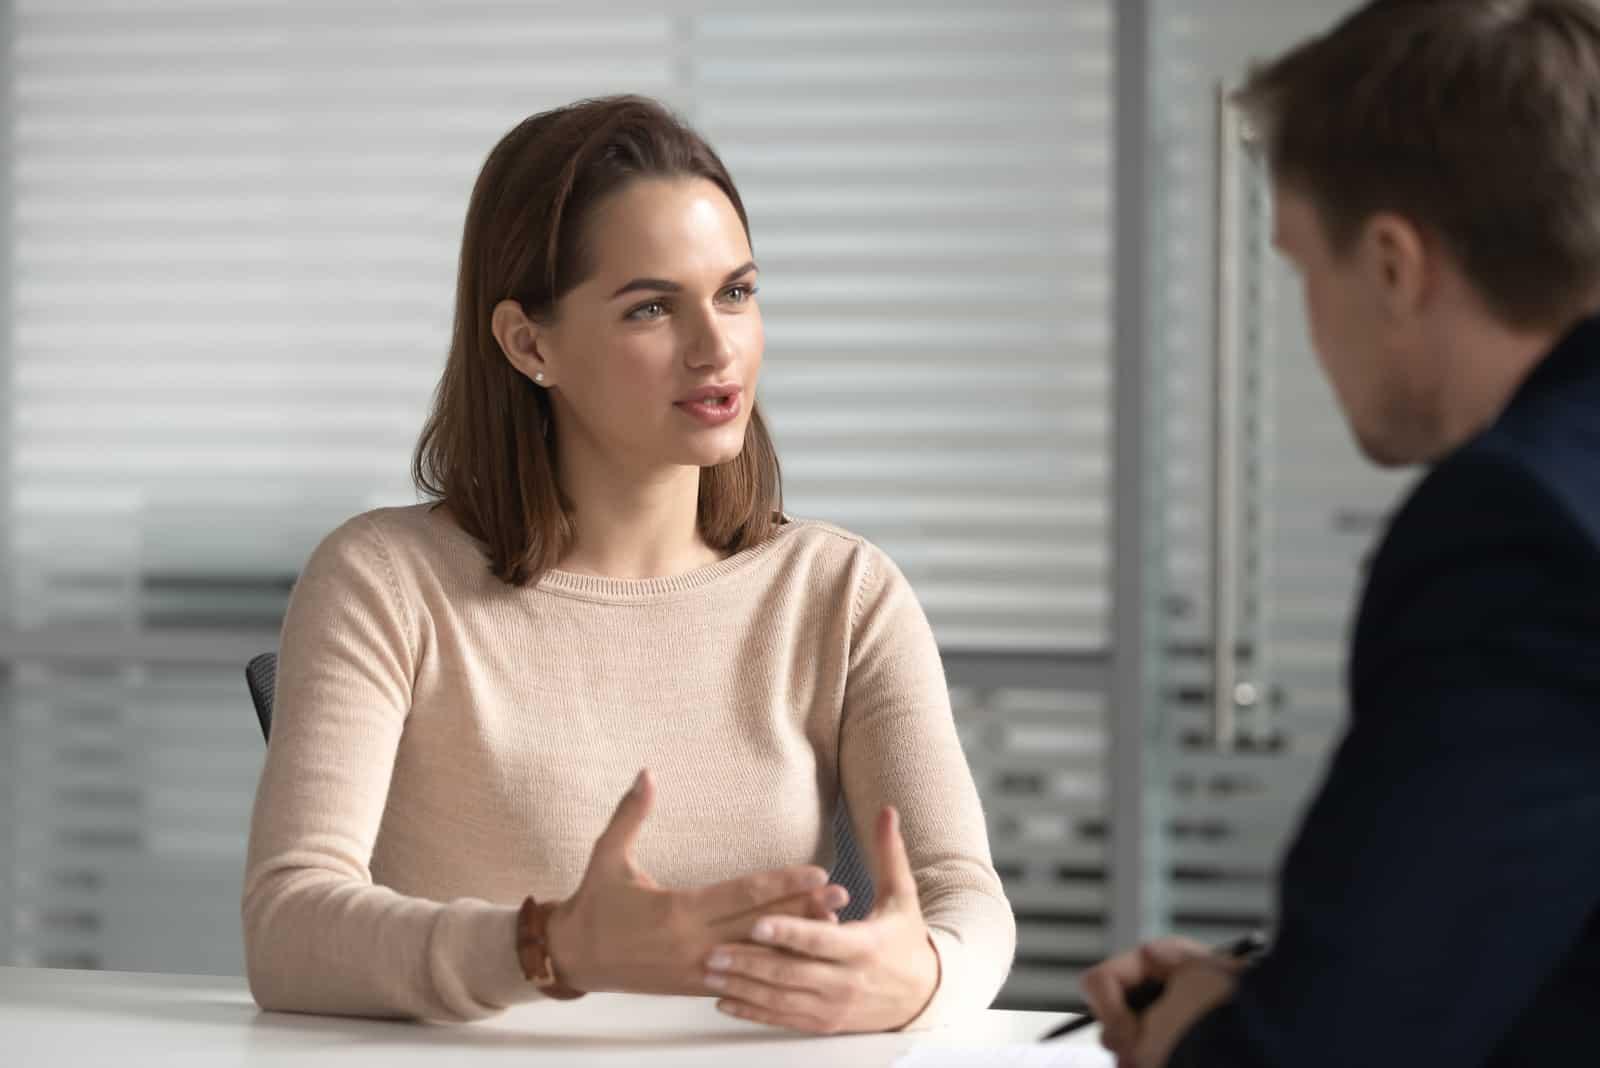 Ein Mann und eine Frau sitzen und reden